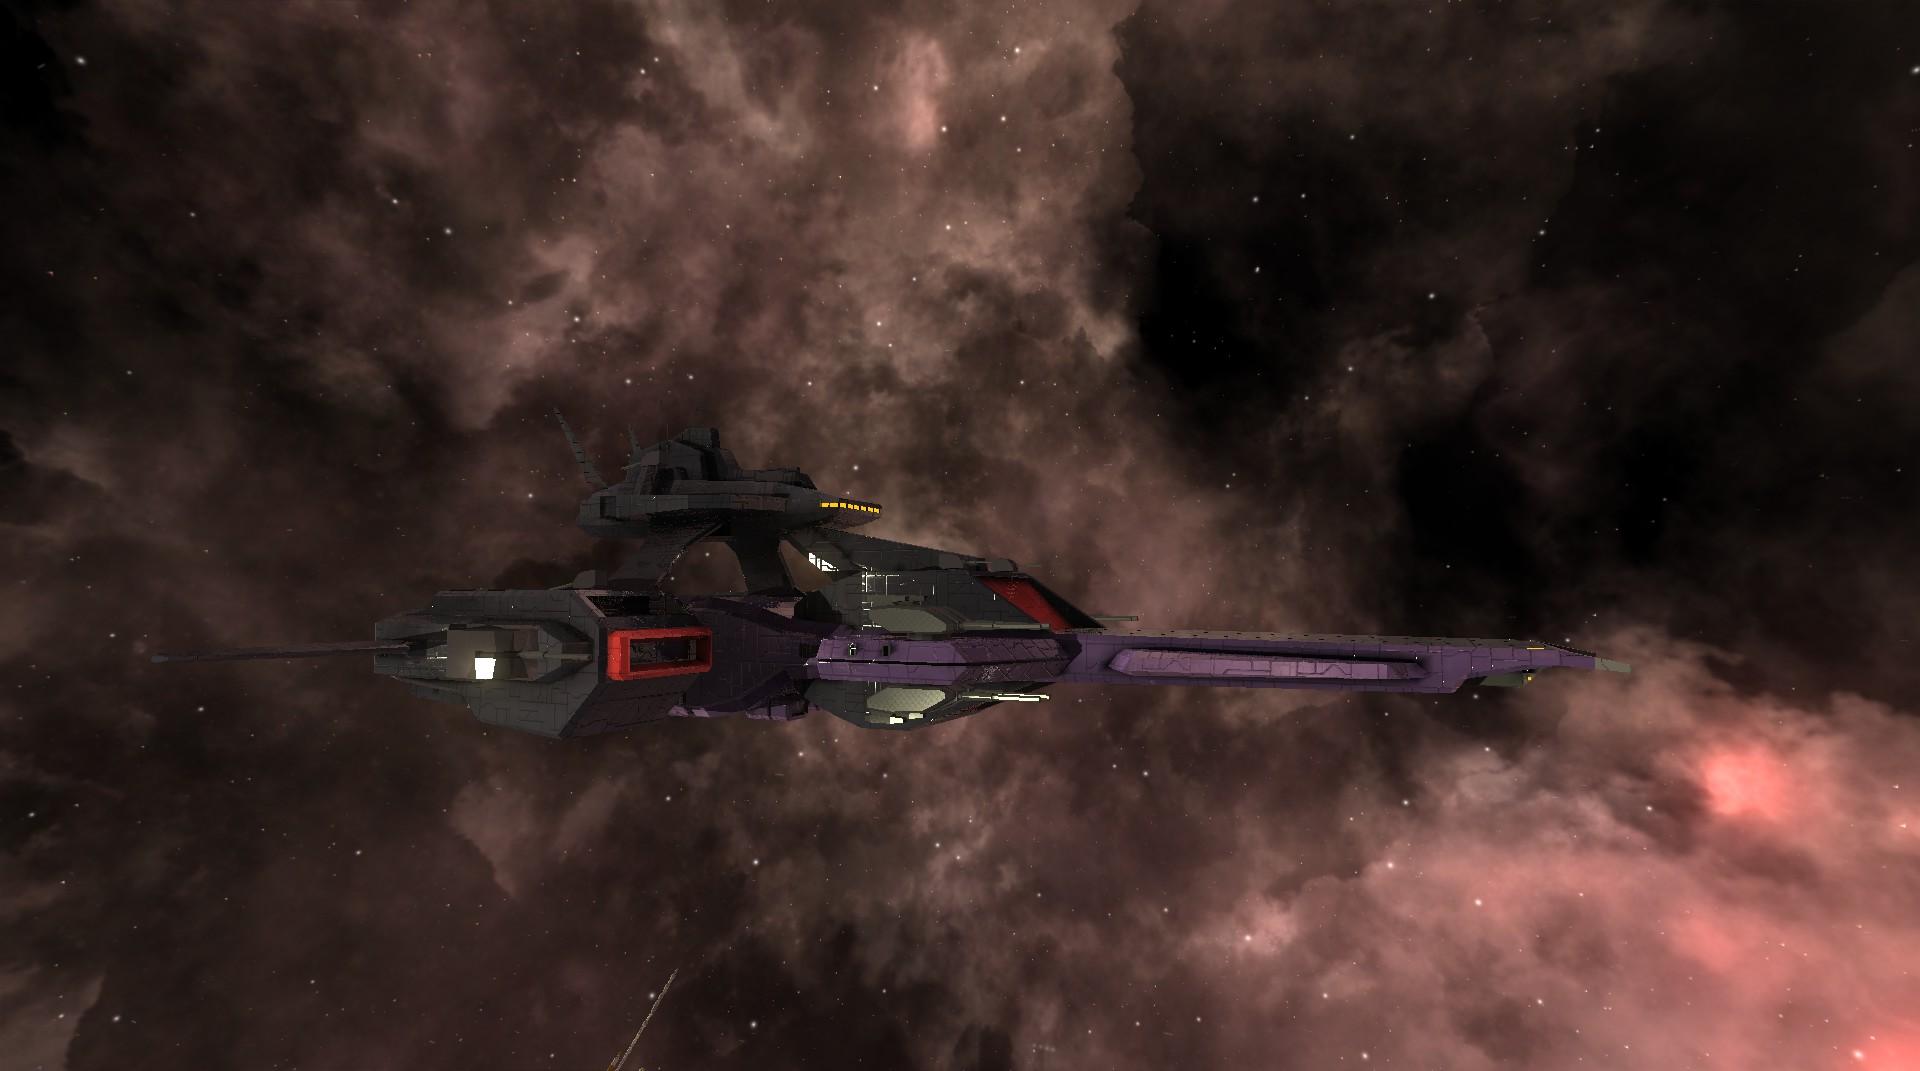 Ships built in Avorion